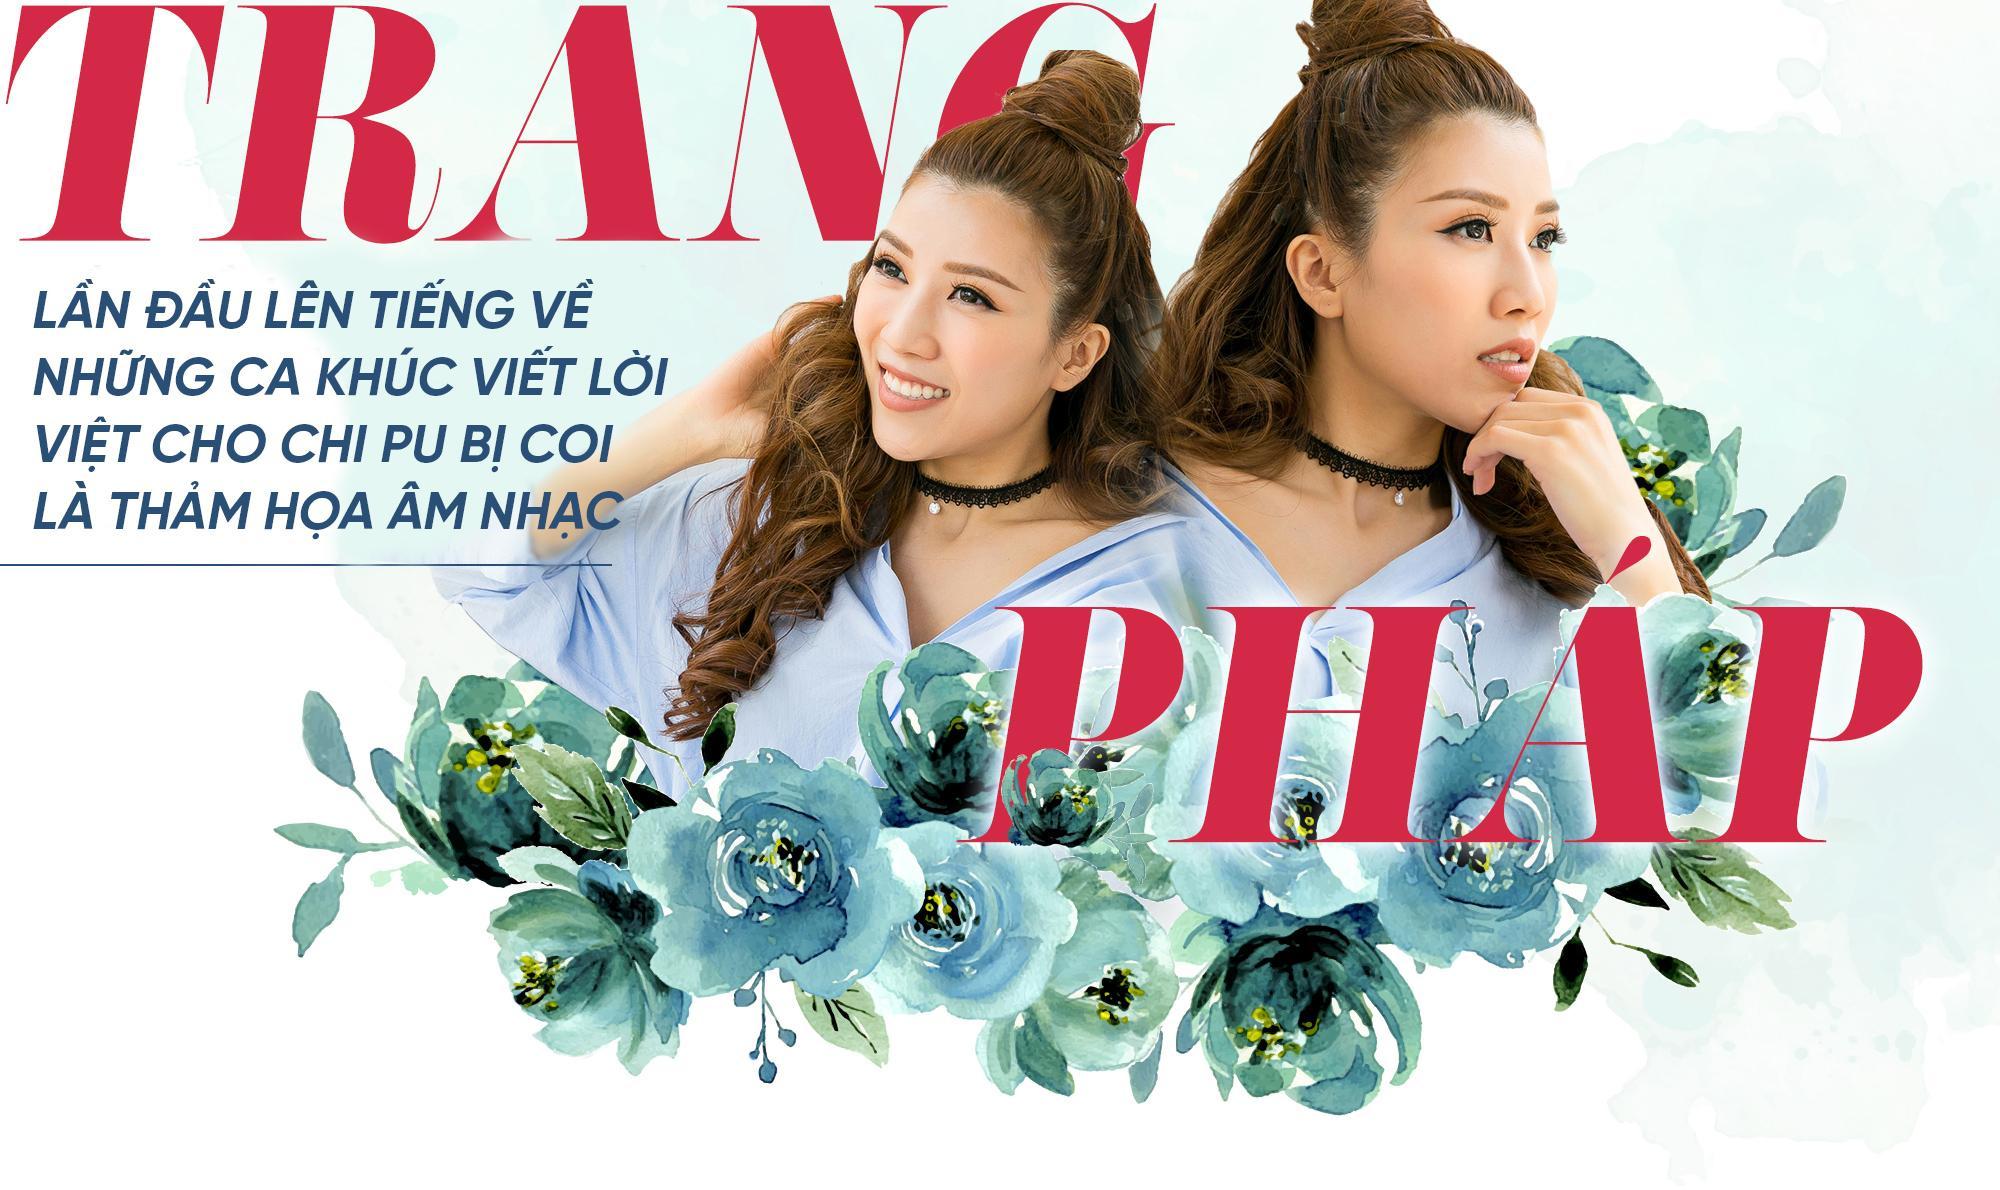 Trang Pháp lần đầu mở lời về loạt ca khúc viết lời Việt cho Chi Pu bị coi là 'thảm họa âm nhạc'